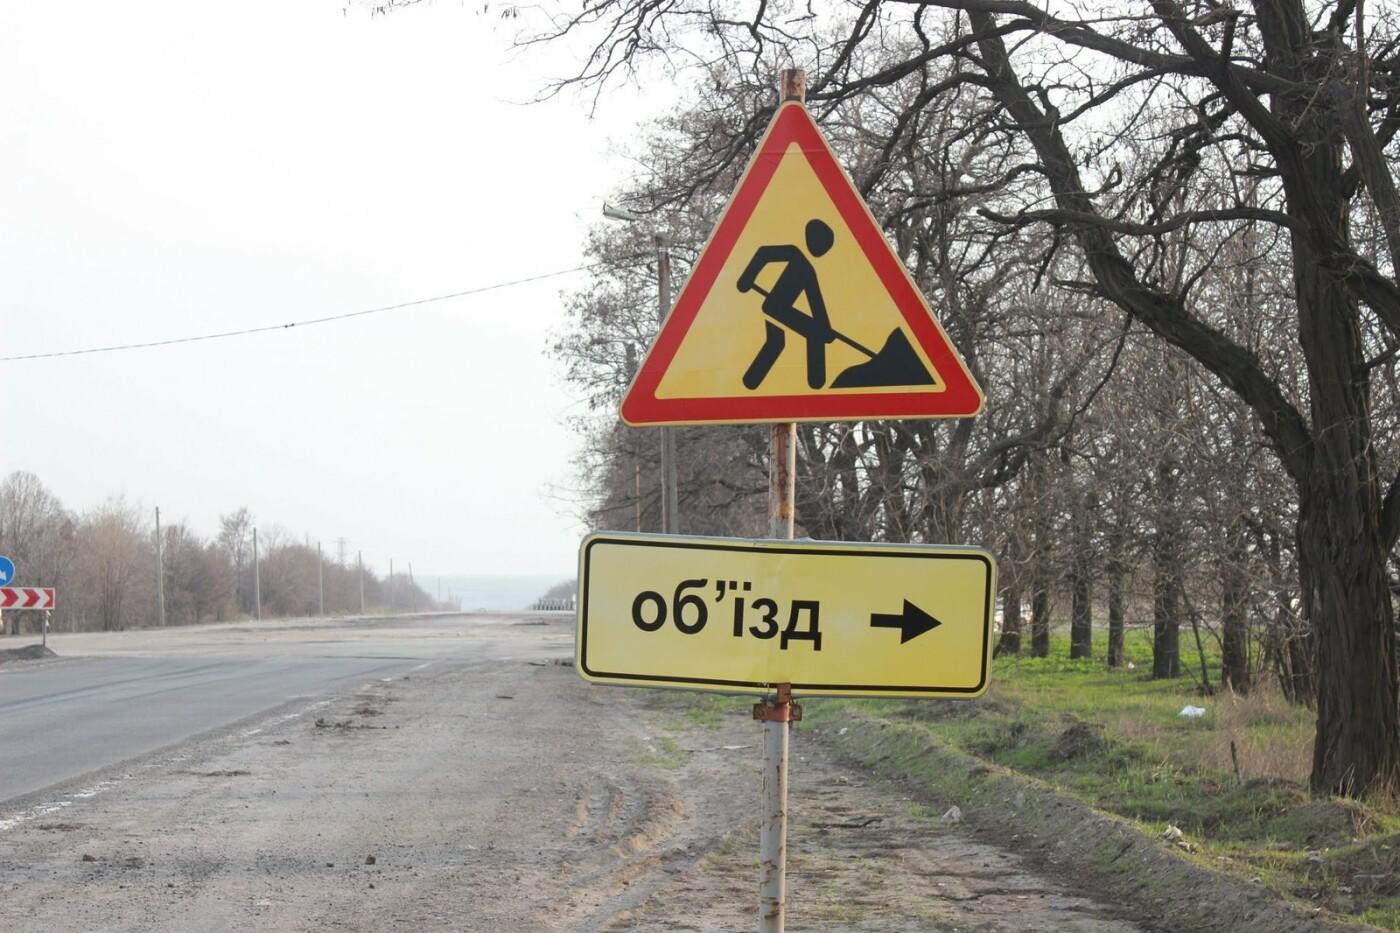 Началось строительство второй очереди объездной дороги вокруг Днепра, фото-5